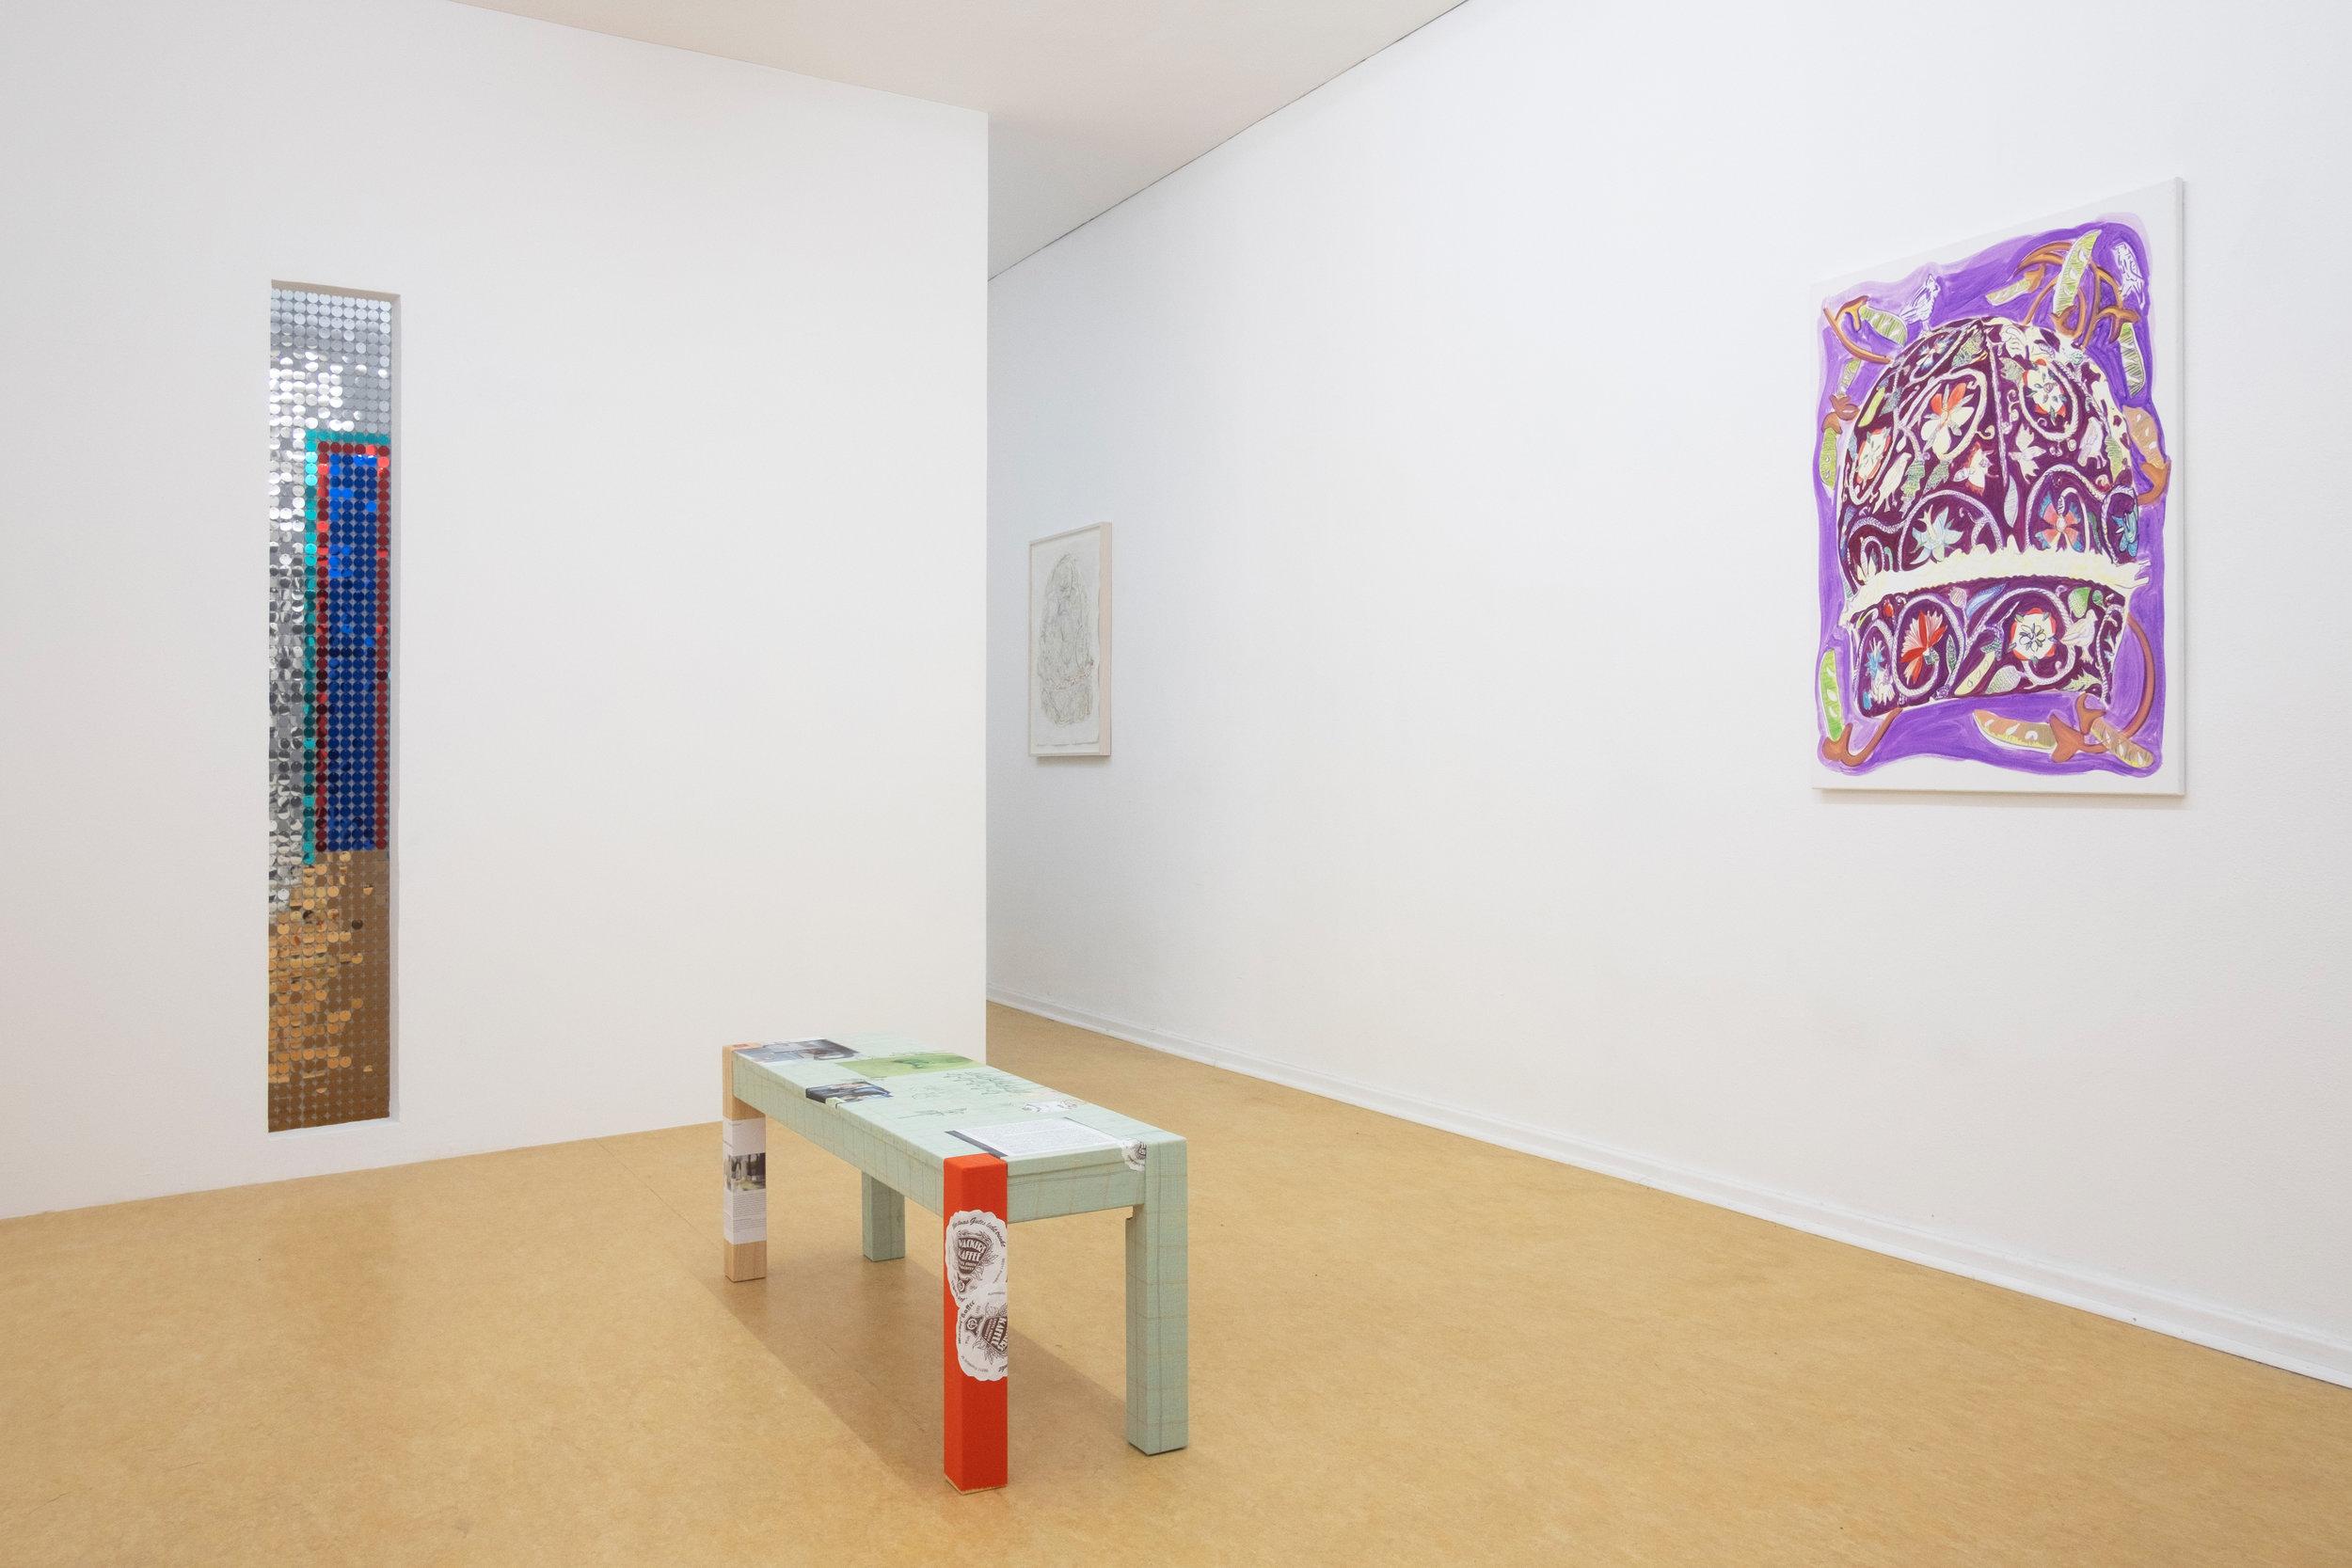 7_KM_Hand_seiner Zeit_2019_Installation_view.jpg